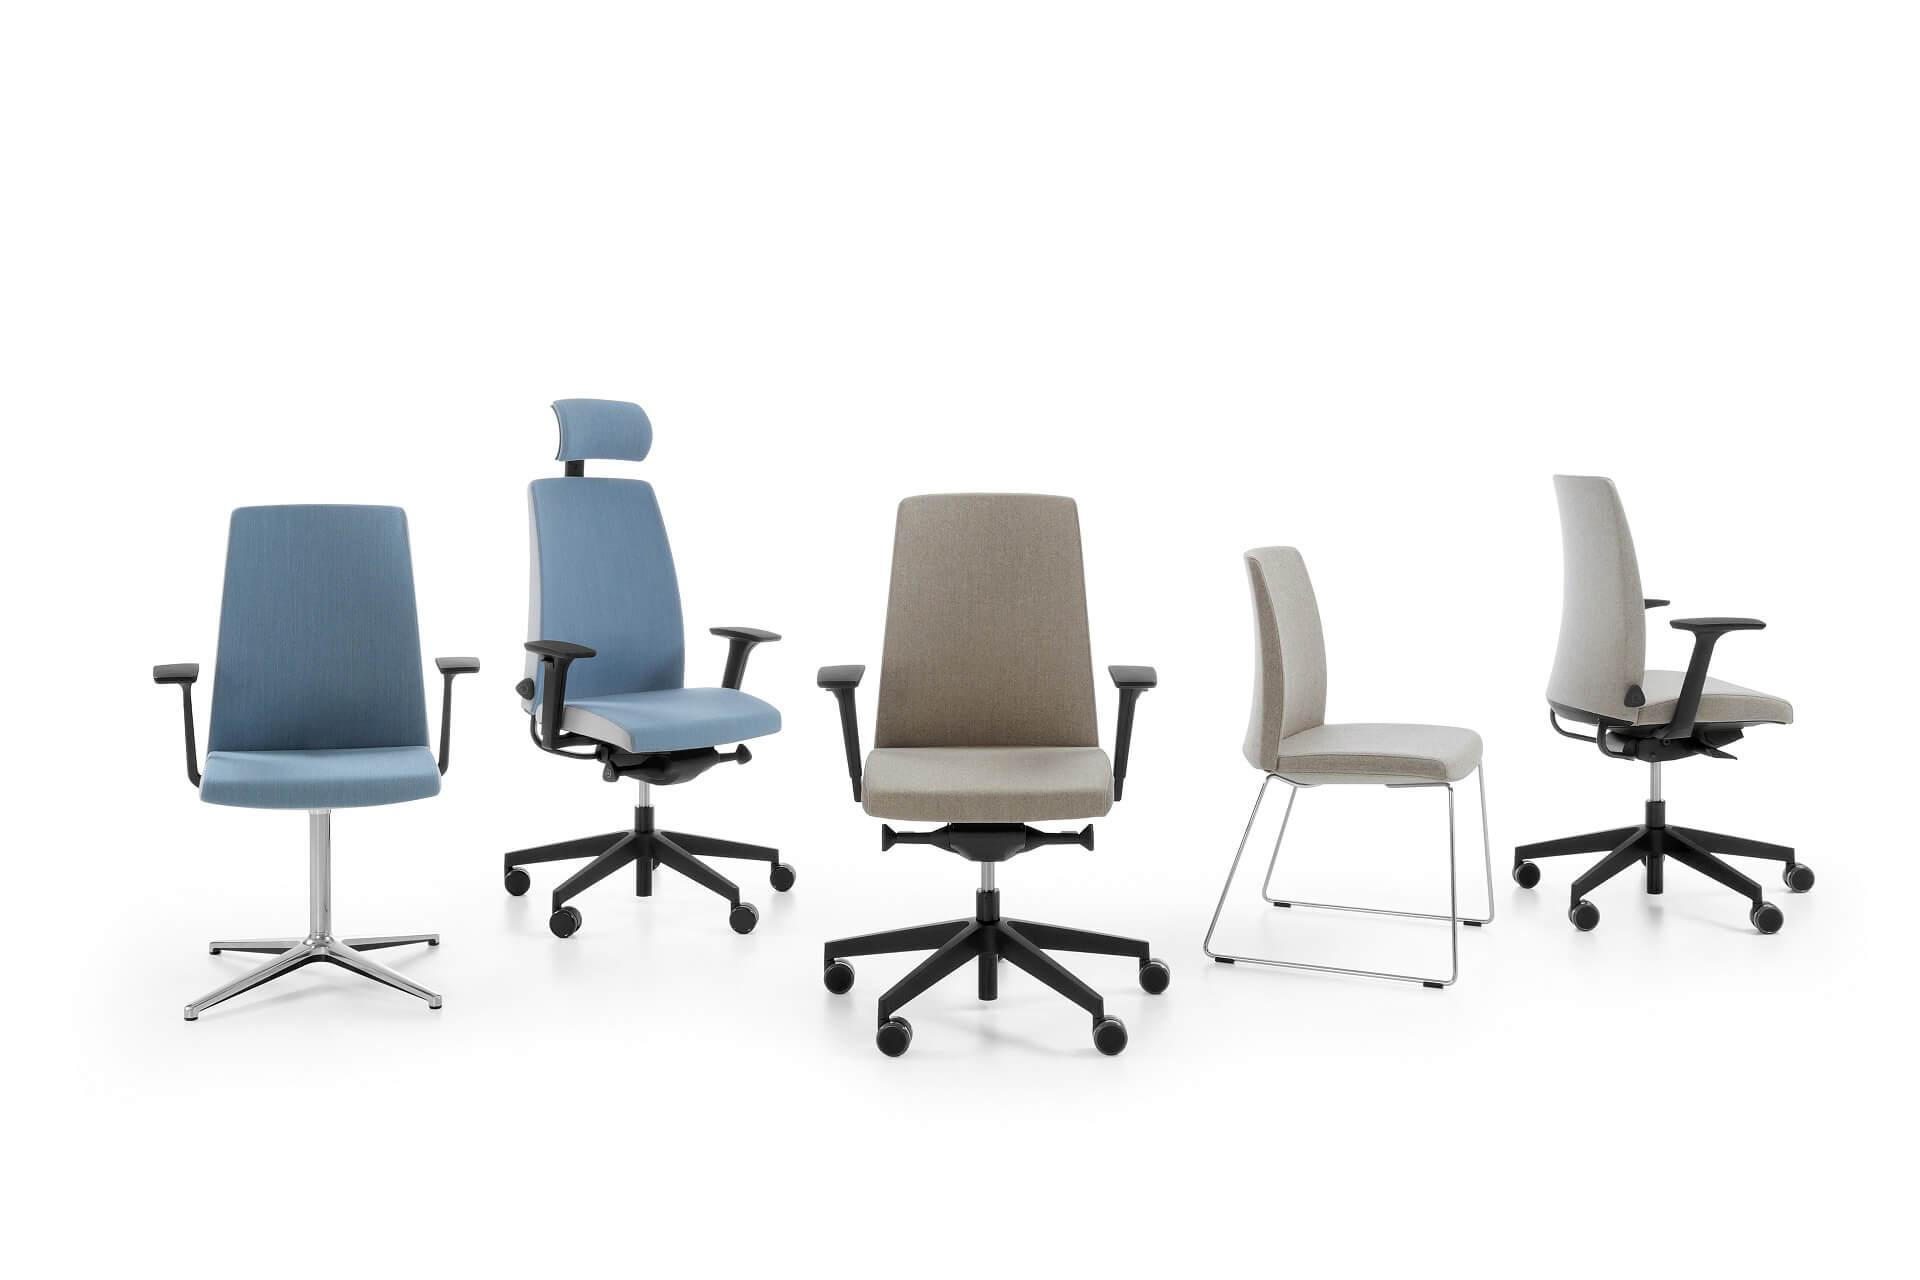 Vipservice, wyposażenie przestrzeni biurowych i handlowych, wyposażenie biur i centrów handlowych